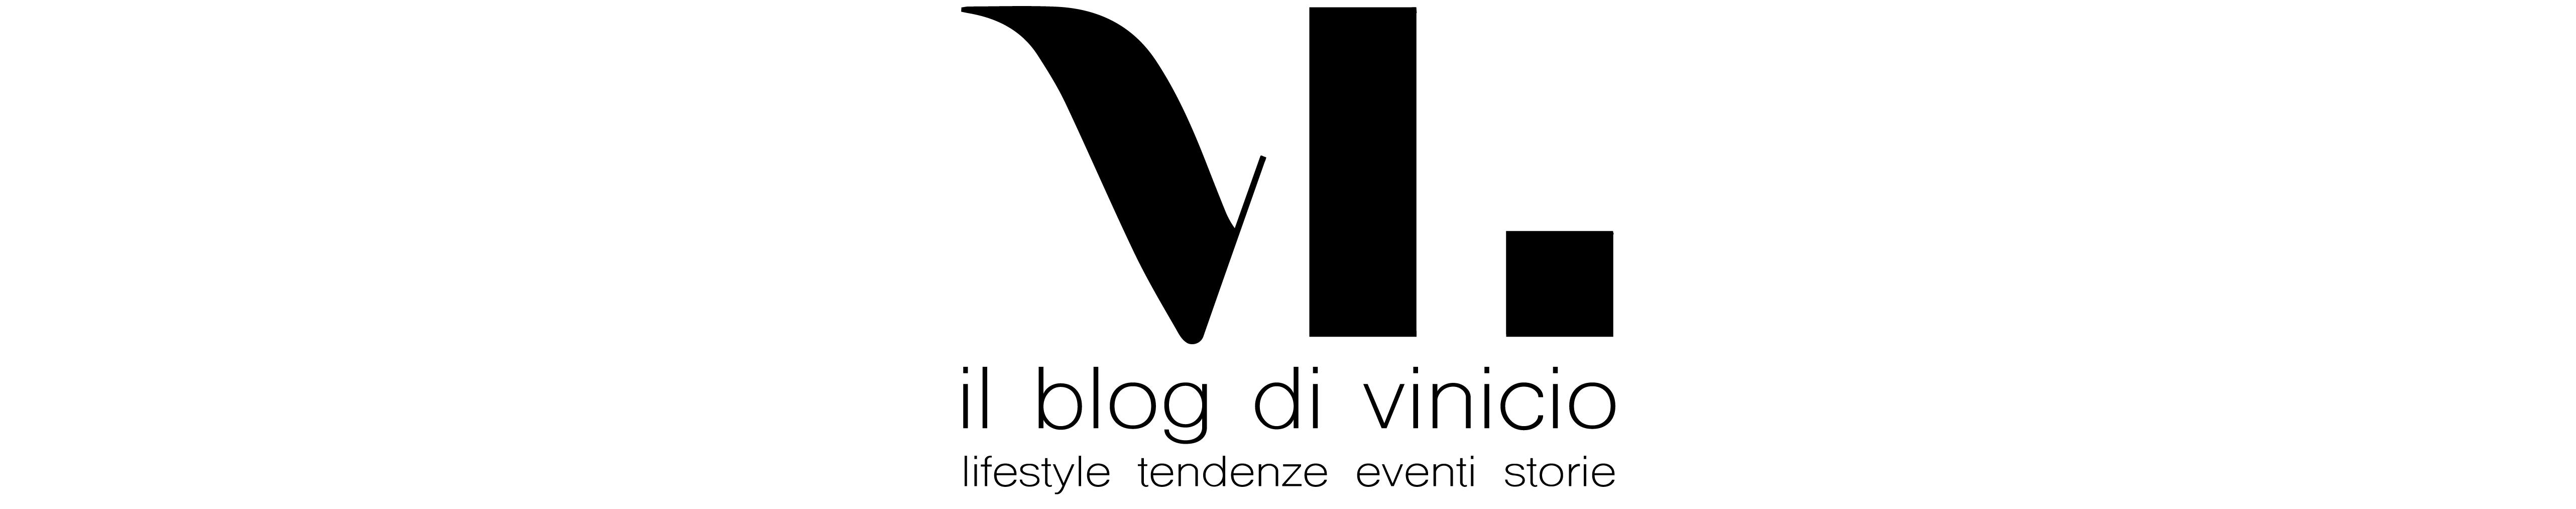 Vinicio mascarello il blog di vinicio eventi lifestyle news vicenza business tendenze veneto eventi event planenr emotional planner veneto